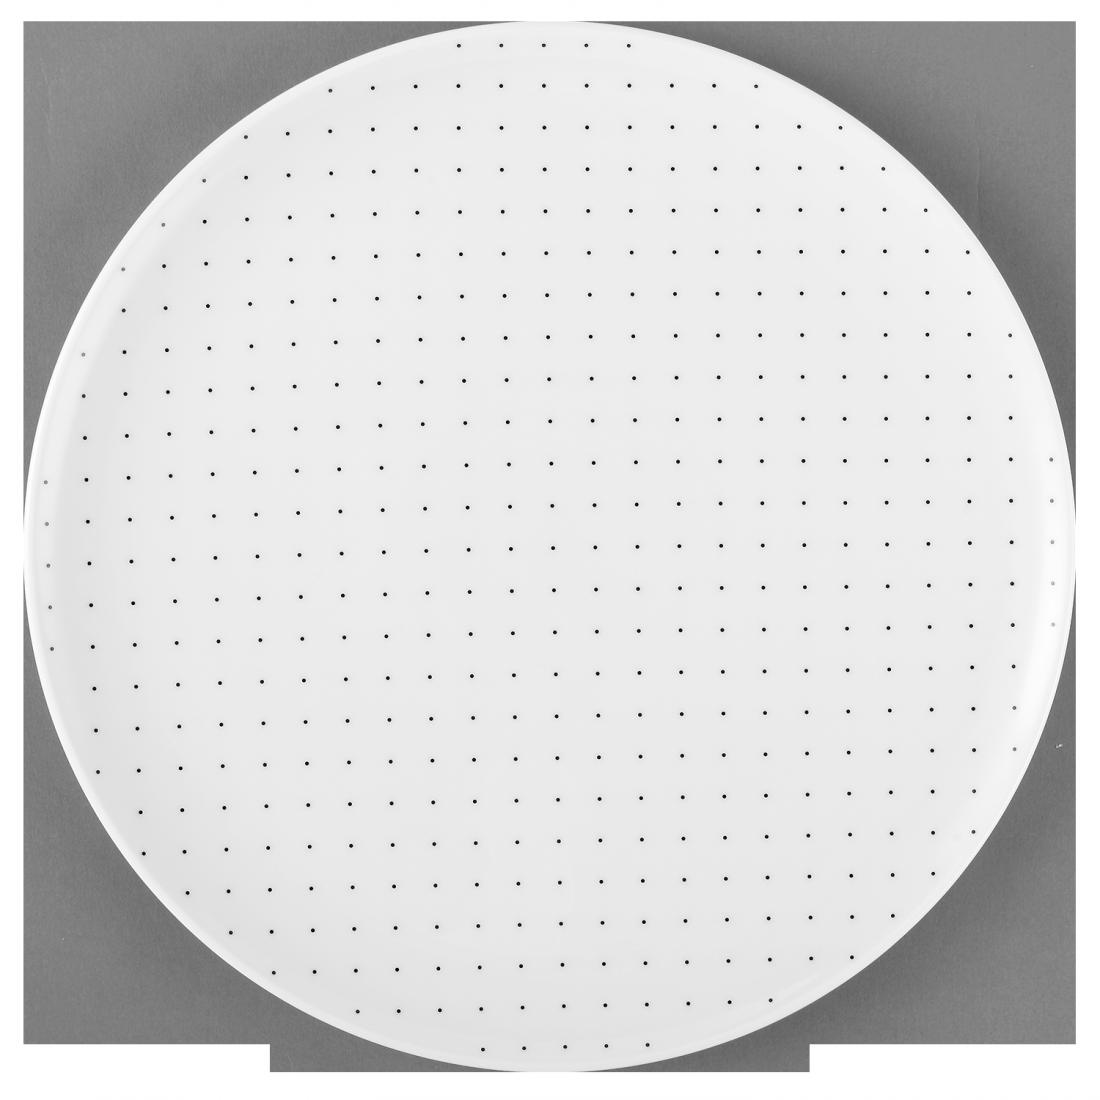 Platte deckel rund 24 25cm 5299 no limits favorite 24776 for Deckel rund 60 cm